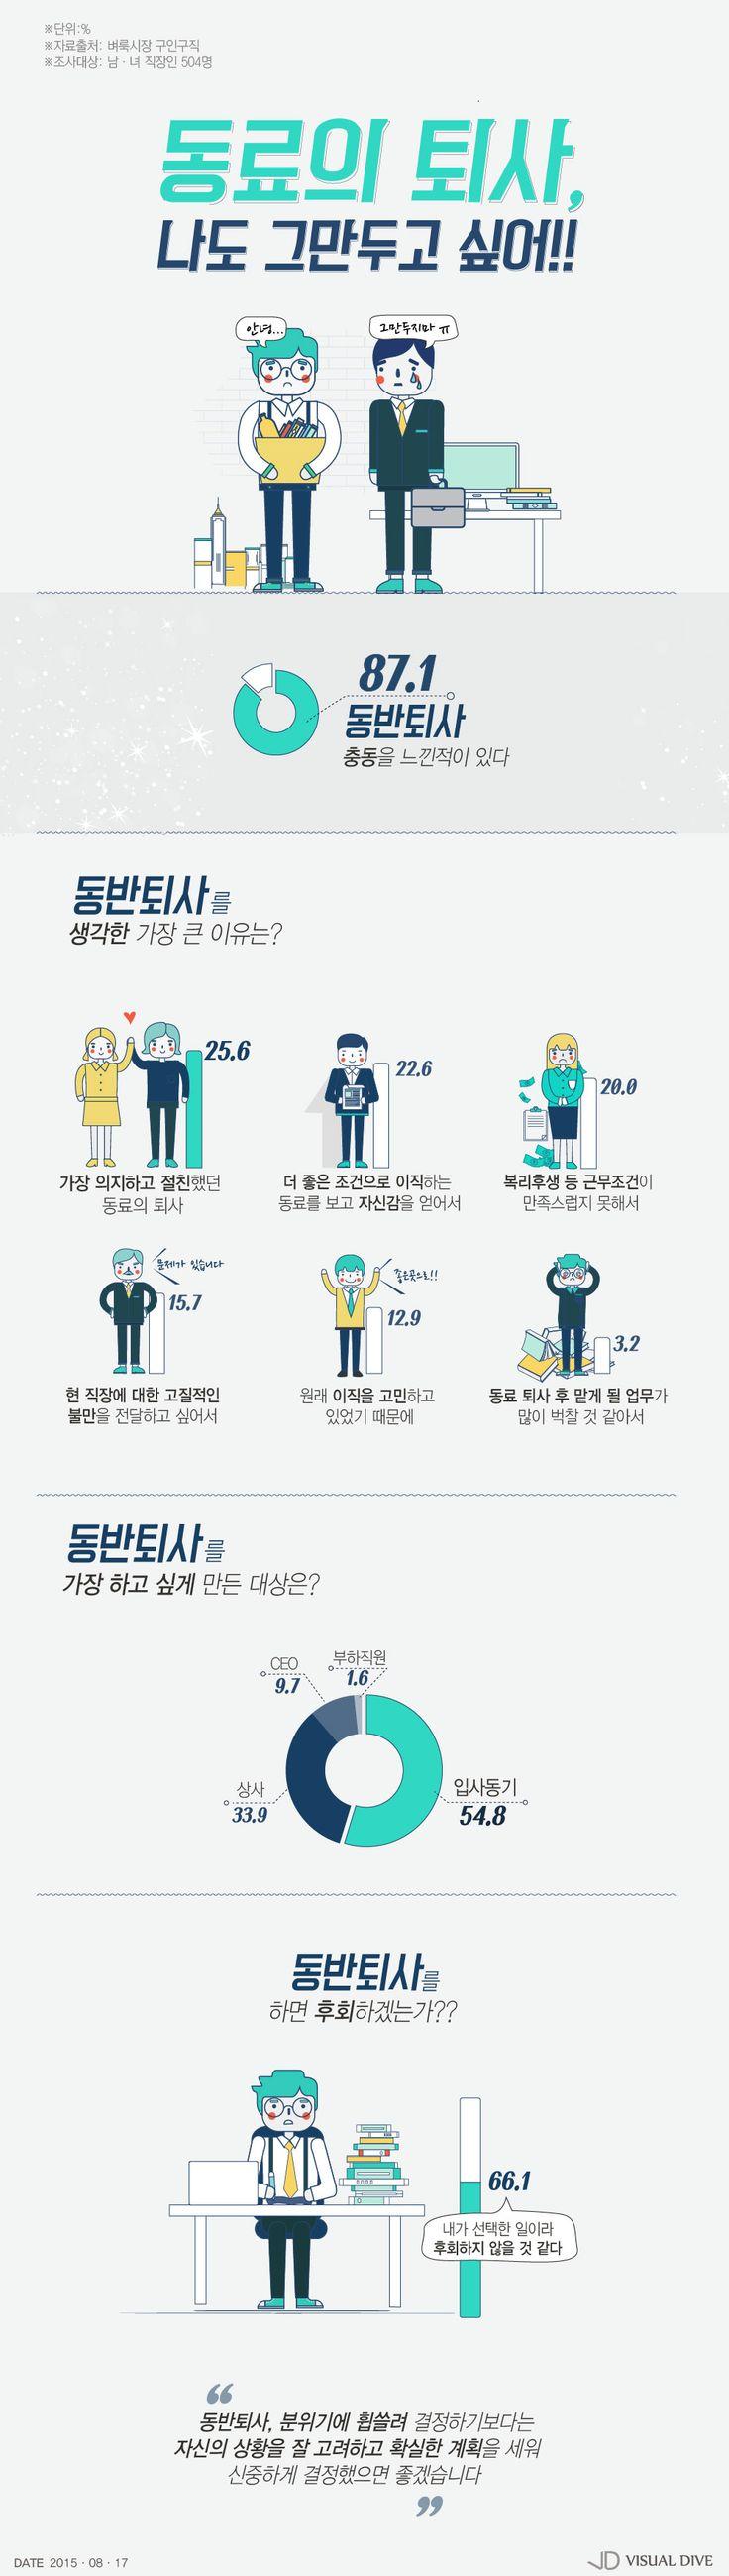 """직장인 87%, """"동료의 퇴사, 동반퇴사 충동 느낀다"""" [인포그래픽] #Retire / #Infographic ⓒ 비주얼다이브 무단 복사·전재·재배포 금지"""